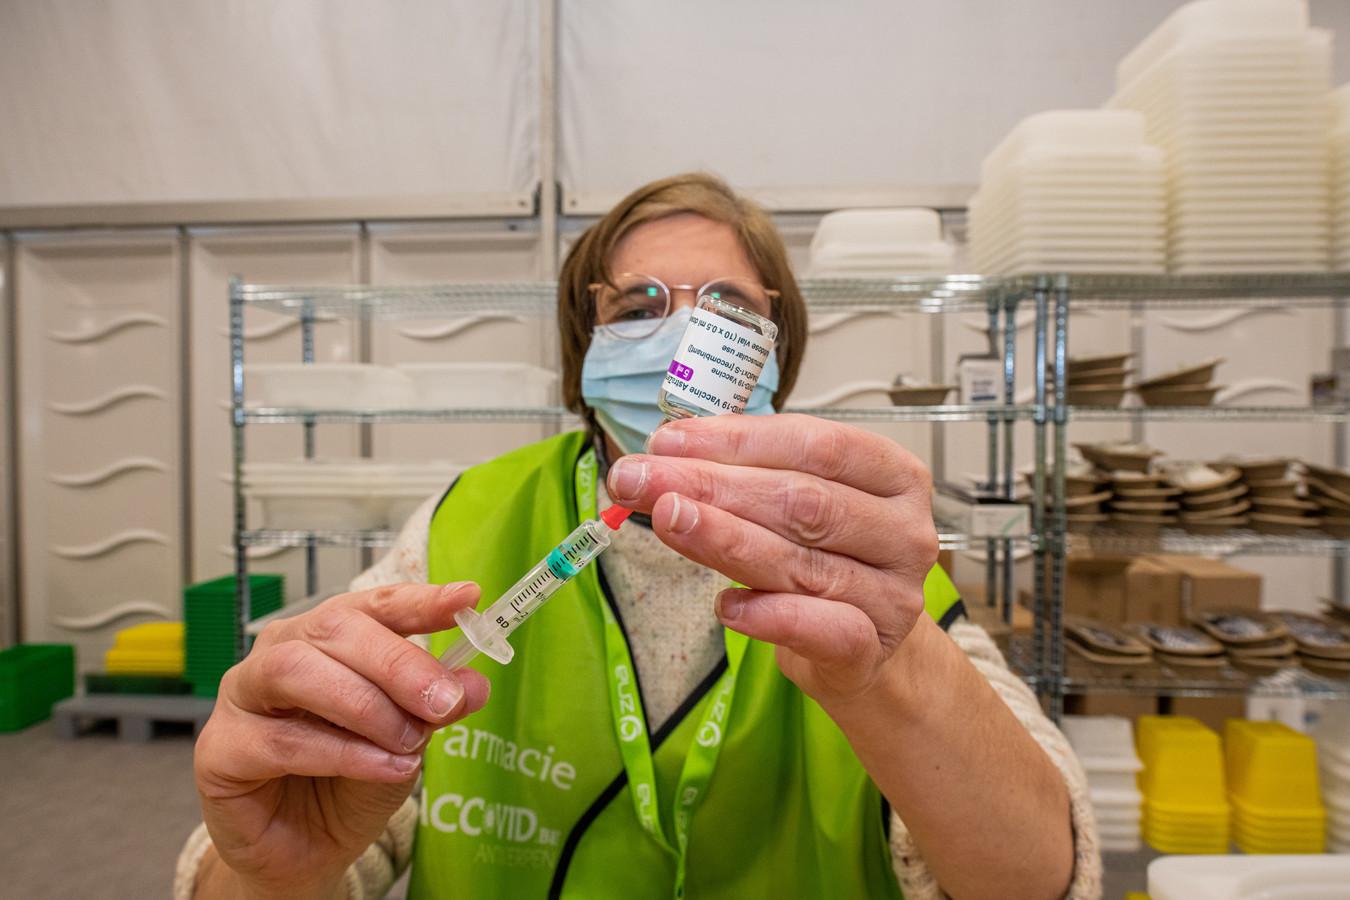 Een verpleegkundige van het vaccinatiecentrum op Spoor-Oost in Borgerhout (Antwerpen) steekt een vaccindosis in een injectiespuit.